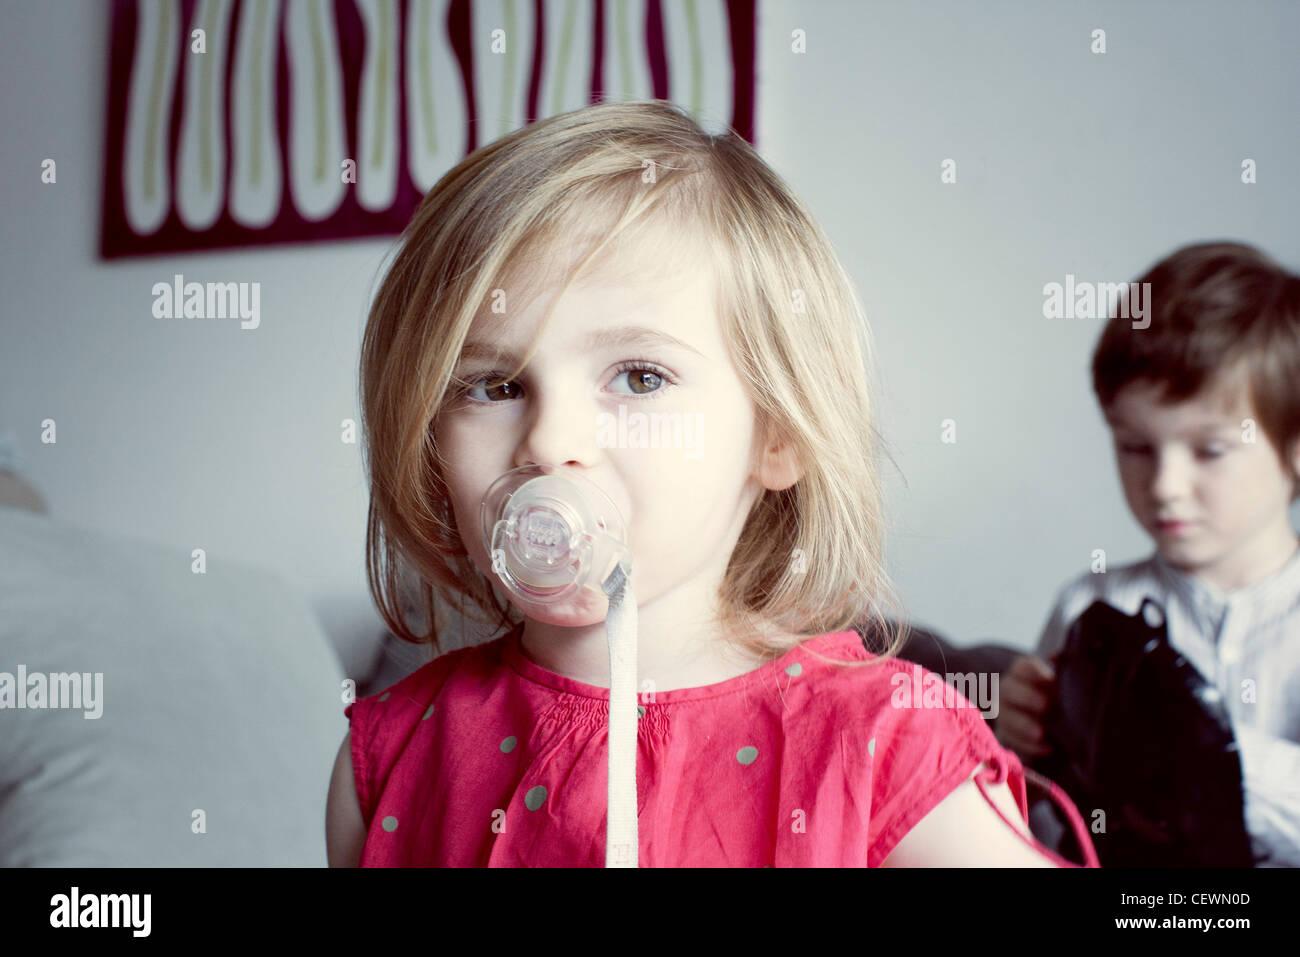 Kleine Mädchen saugen Schnuller Stockbild